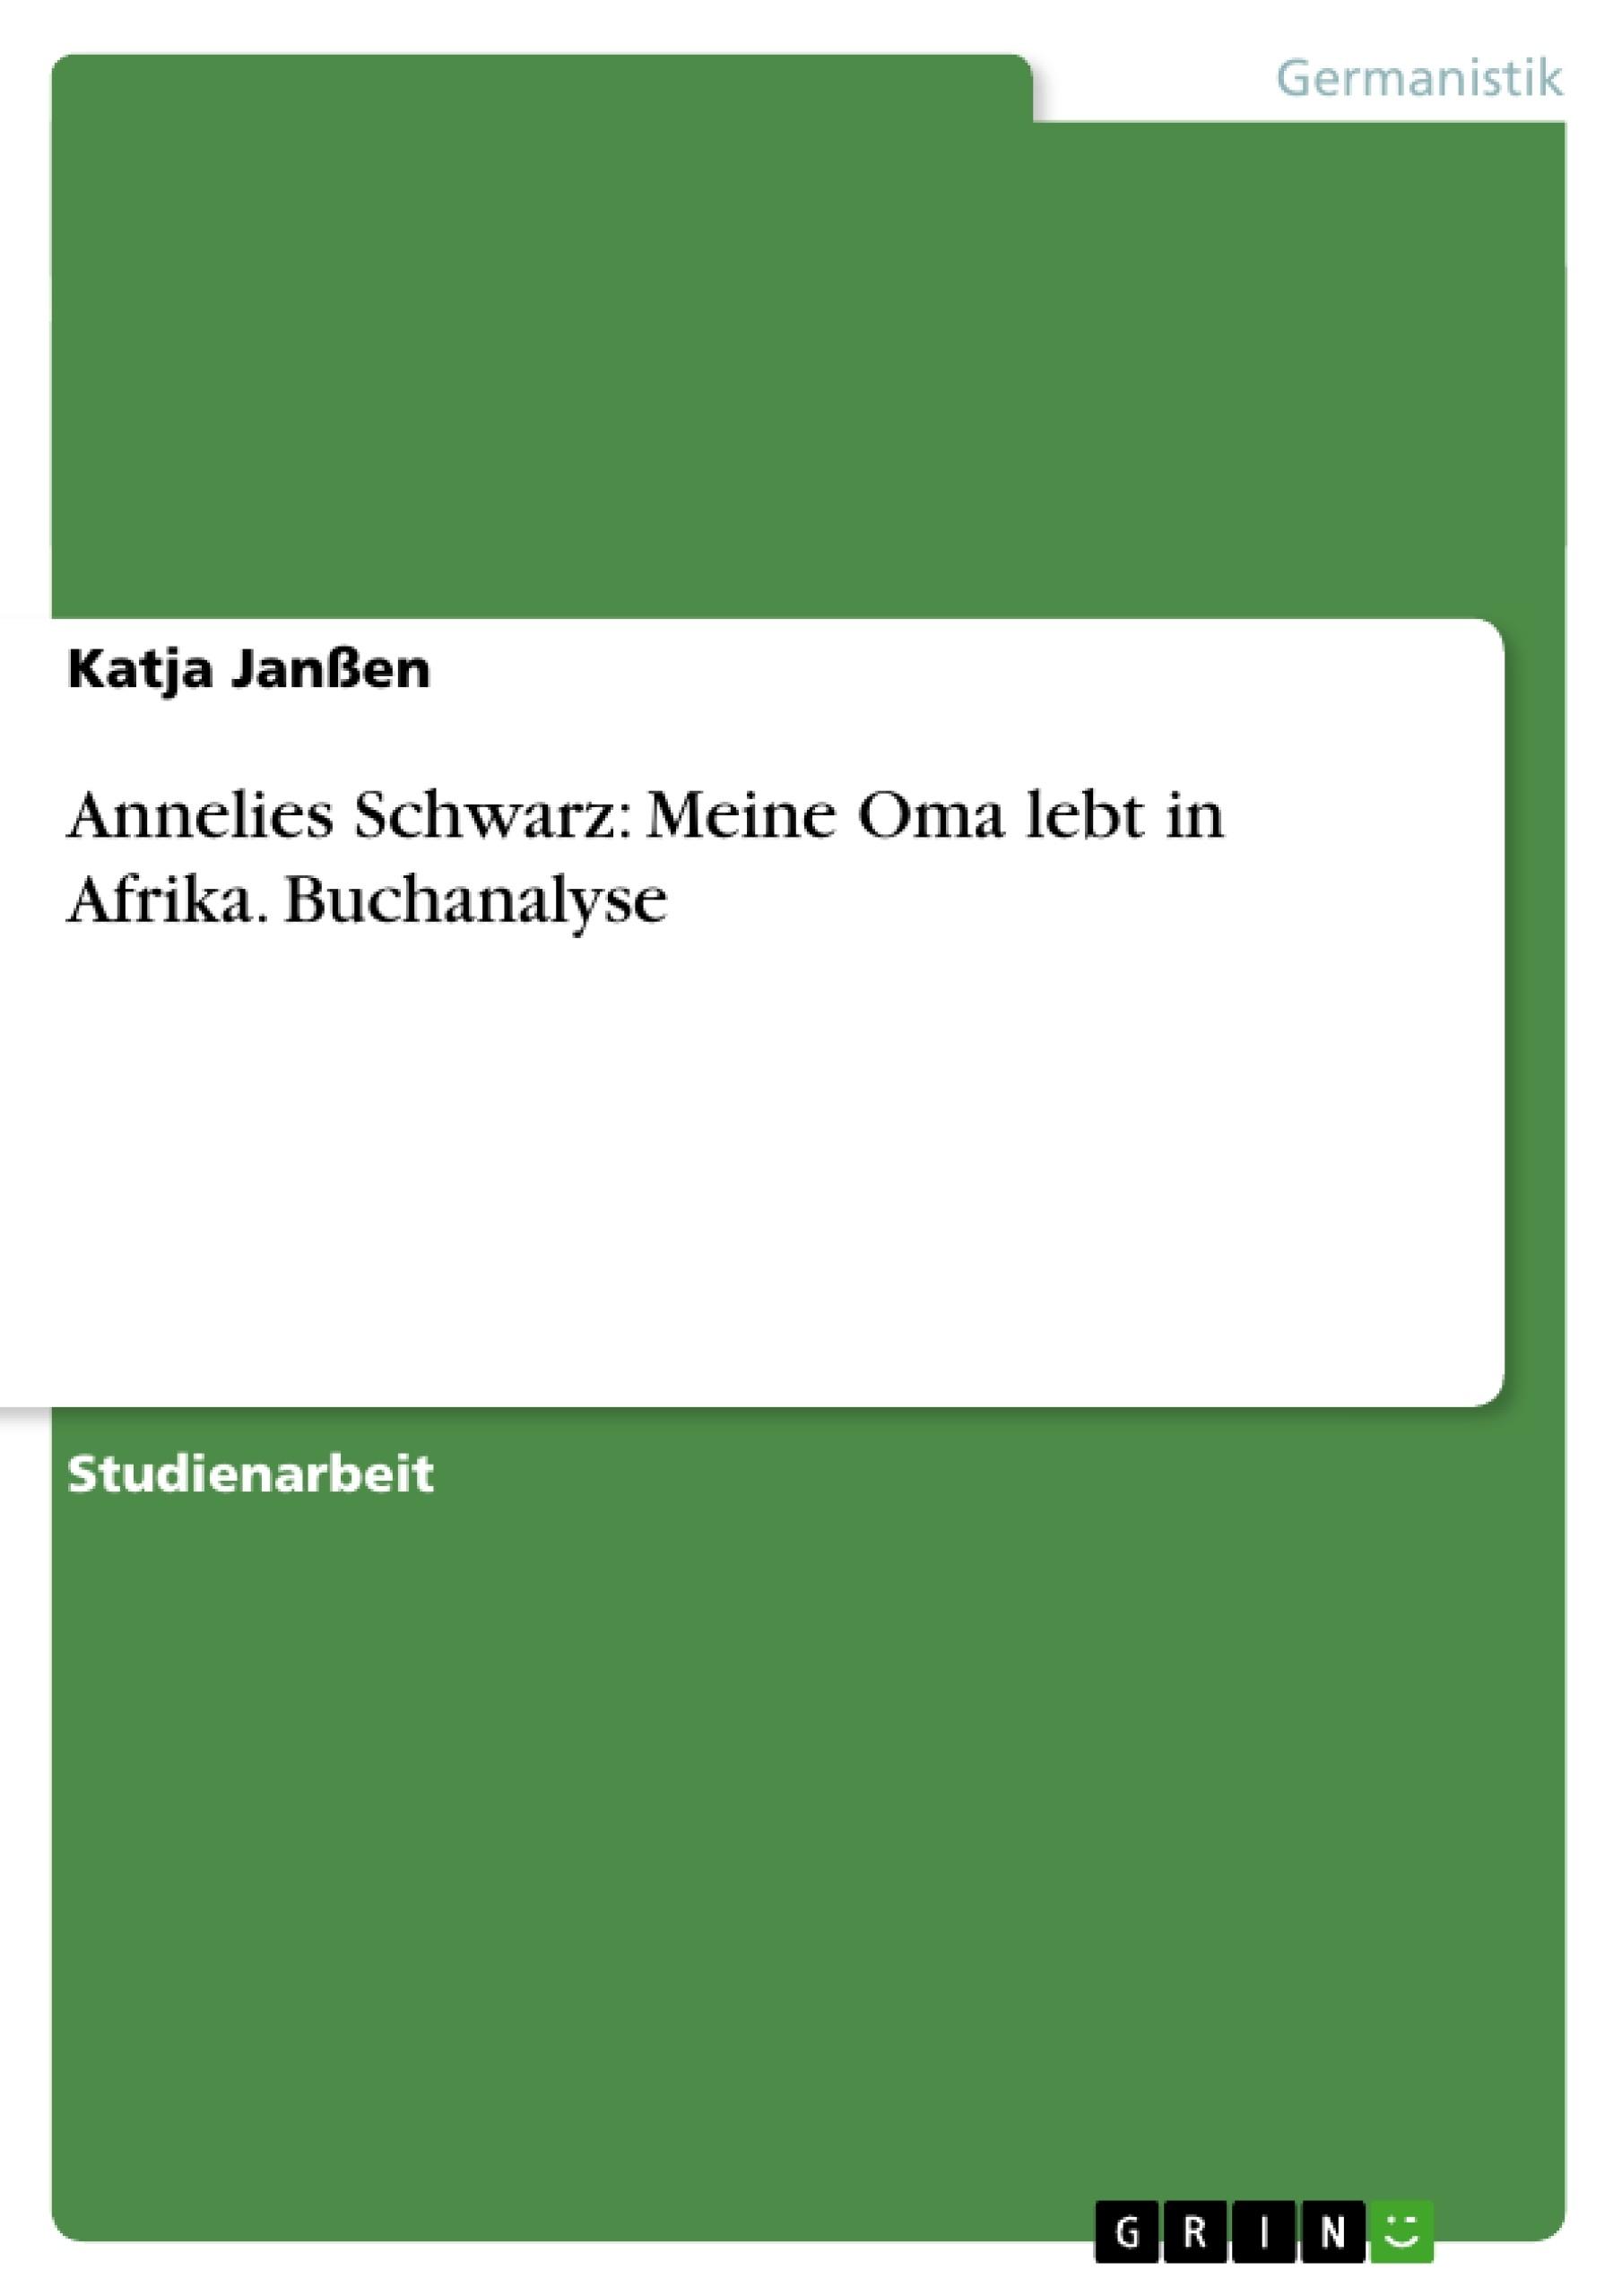 Titel: Annelies Schwarz: Meine Oma lebt in Afrika. Buchanalyse